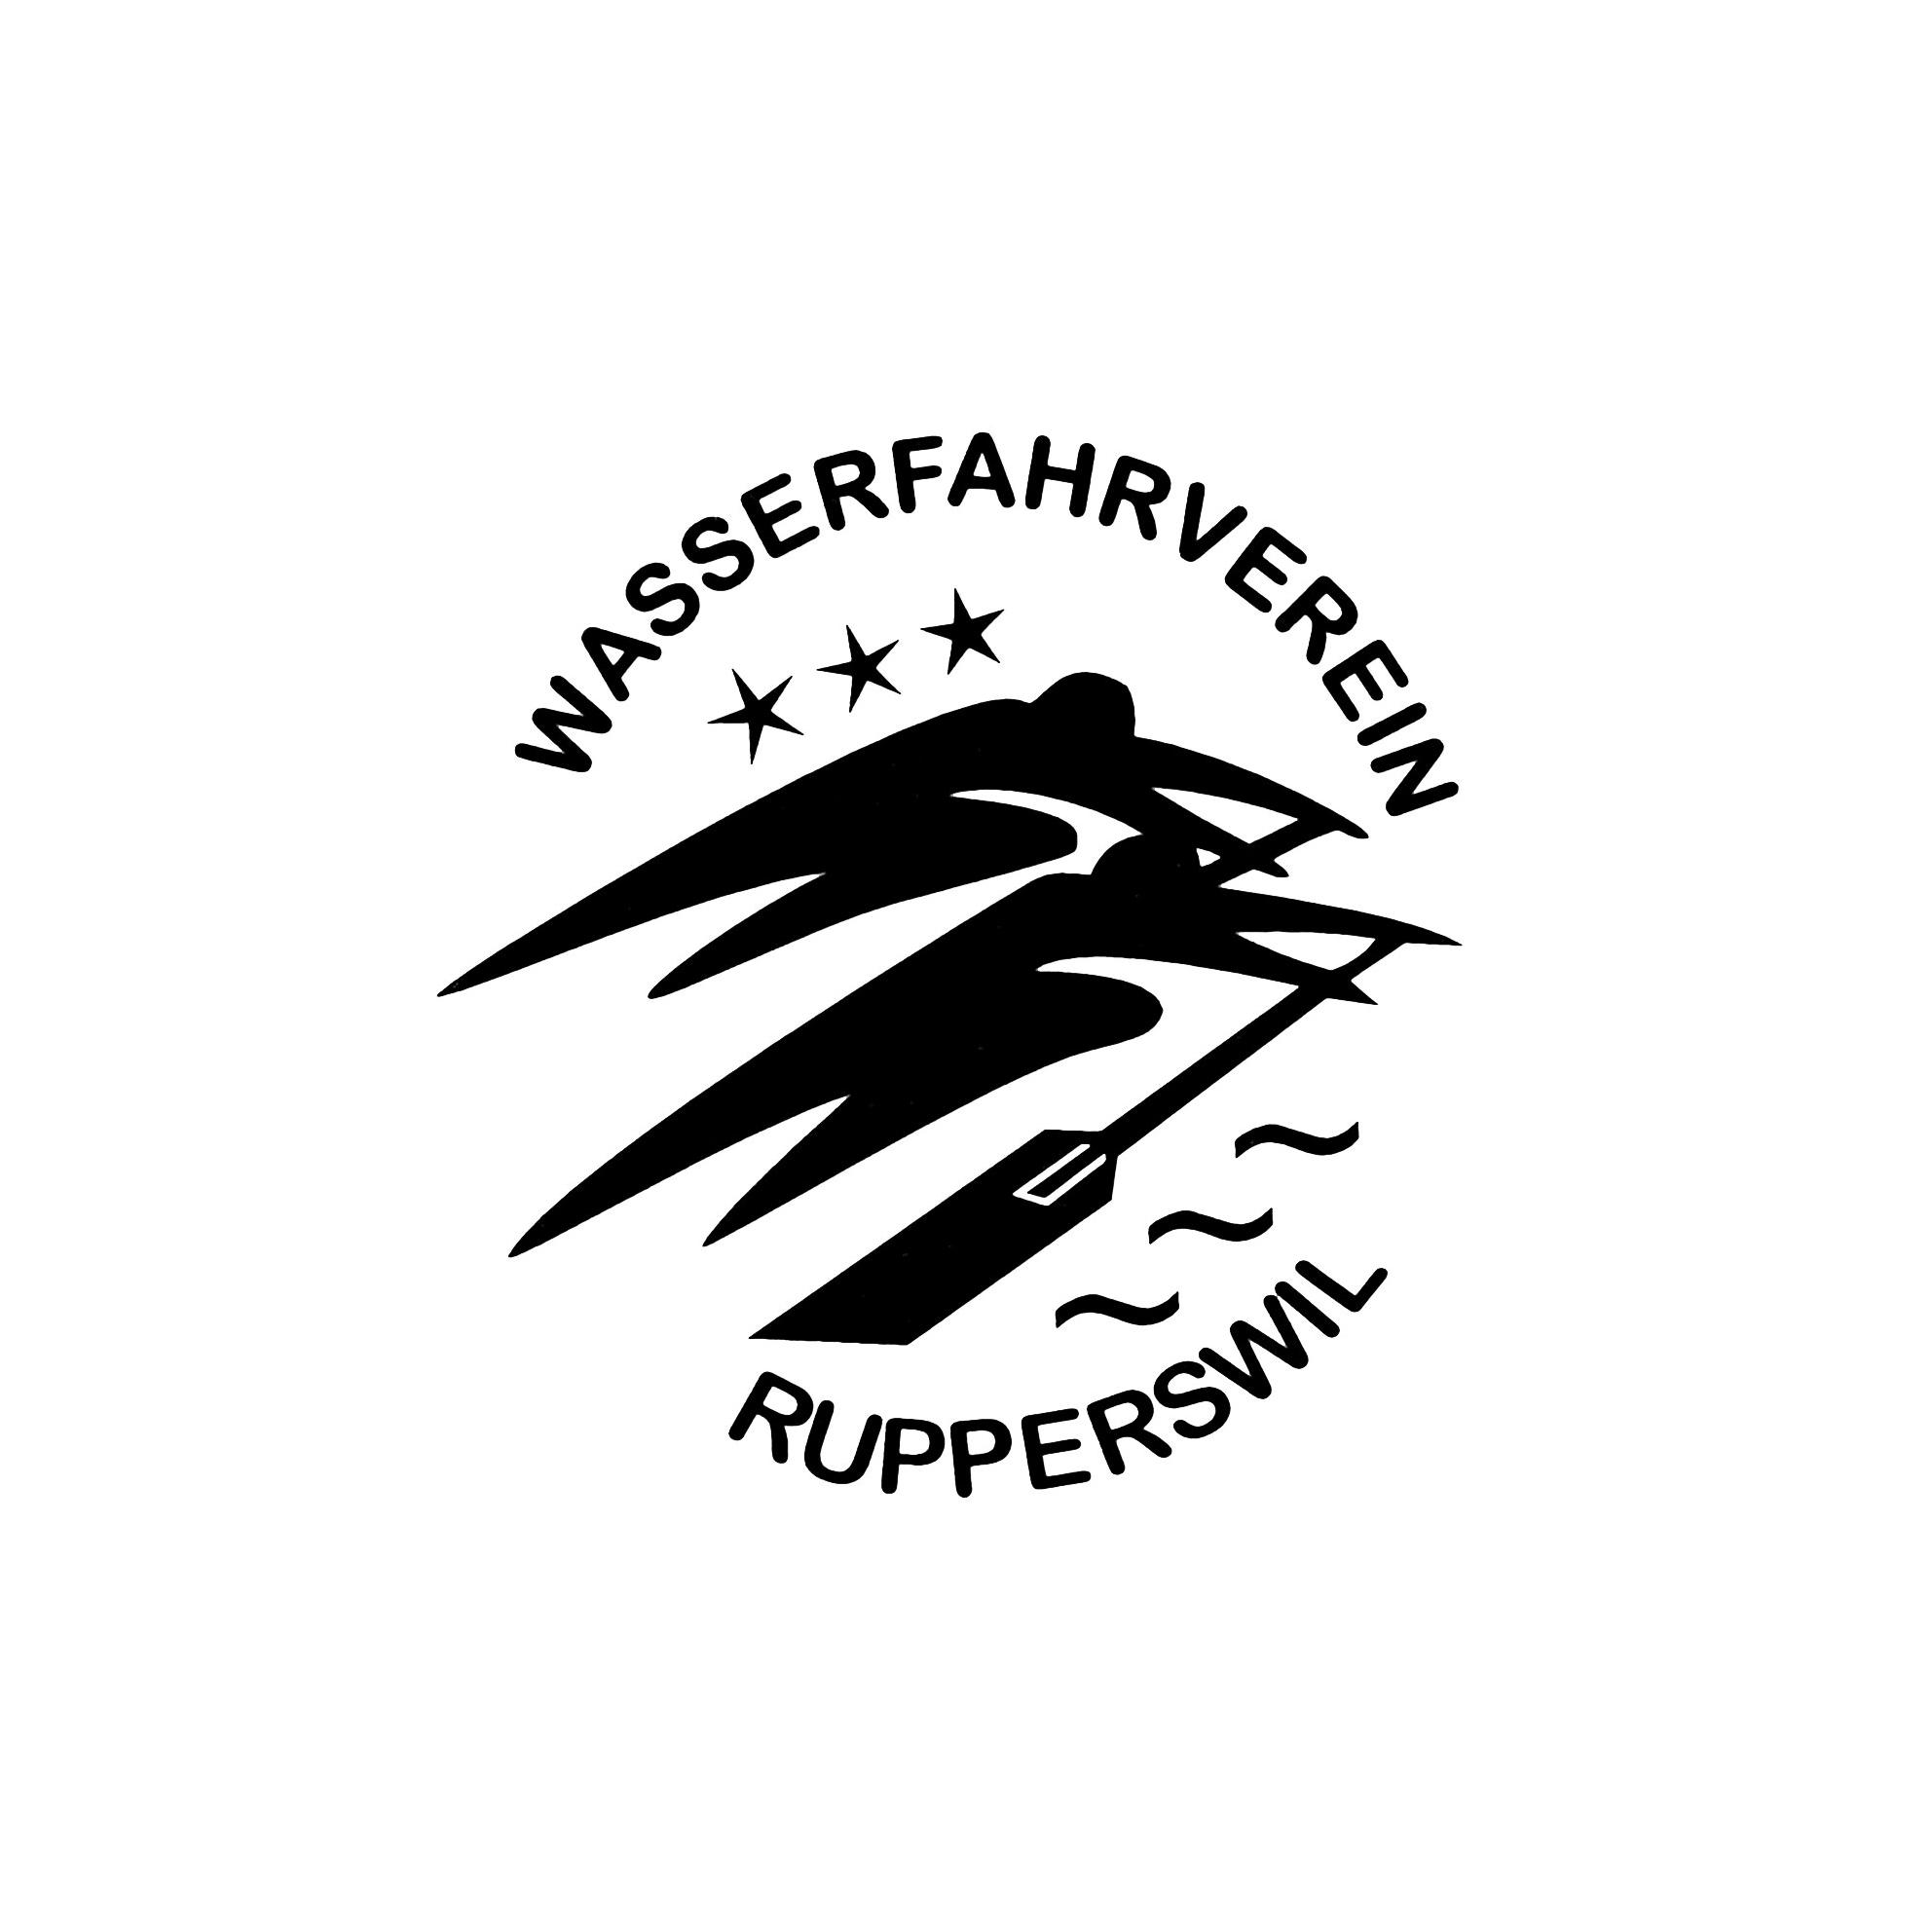 Wasserfahrverein Rupperswil